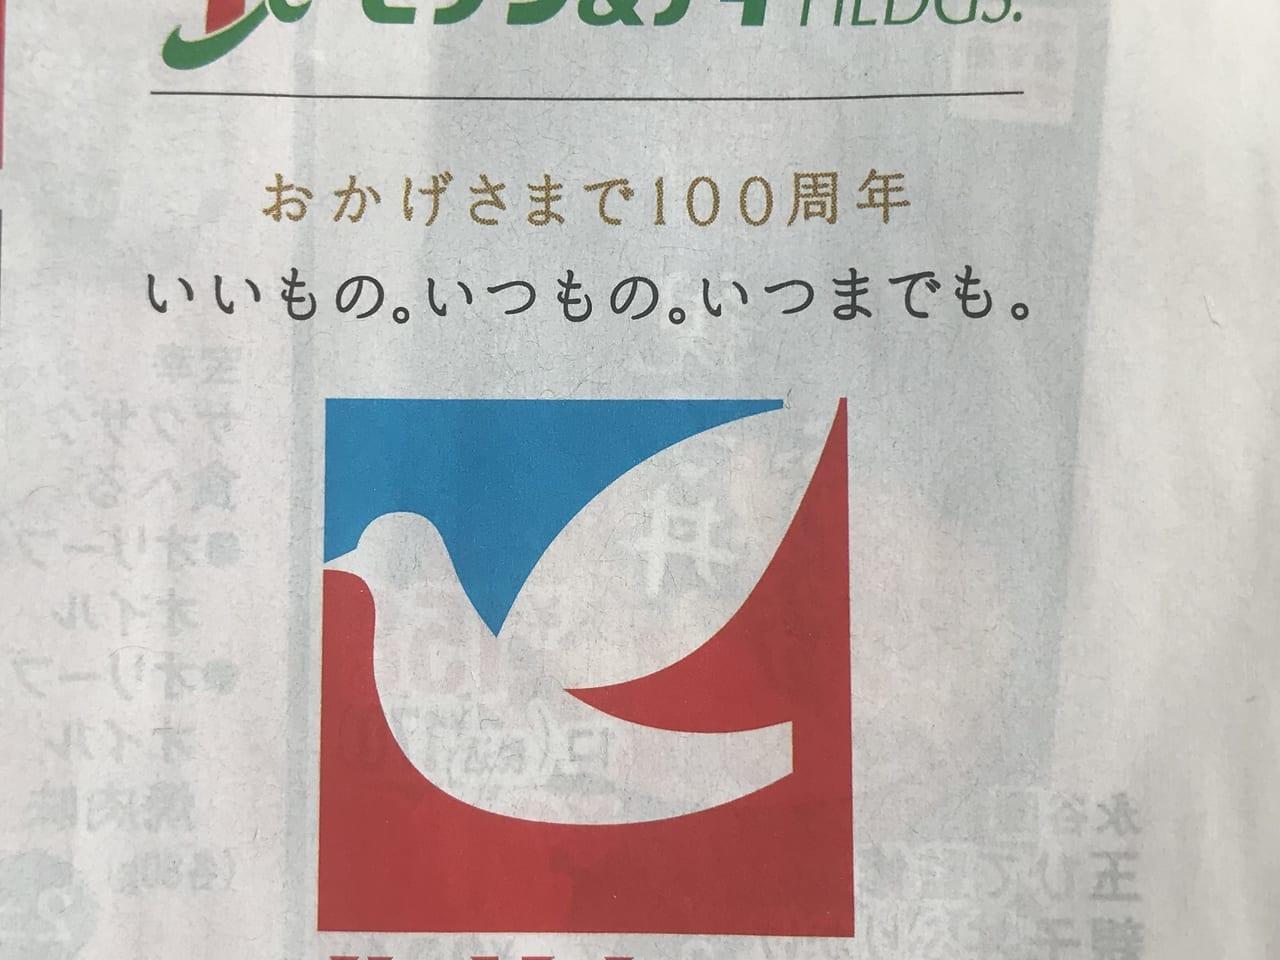 イトーヨーカドーのロゴマーク